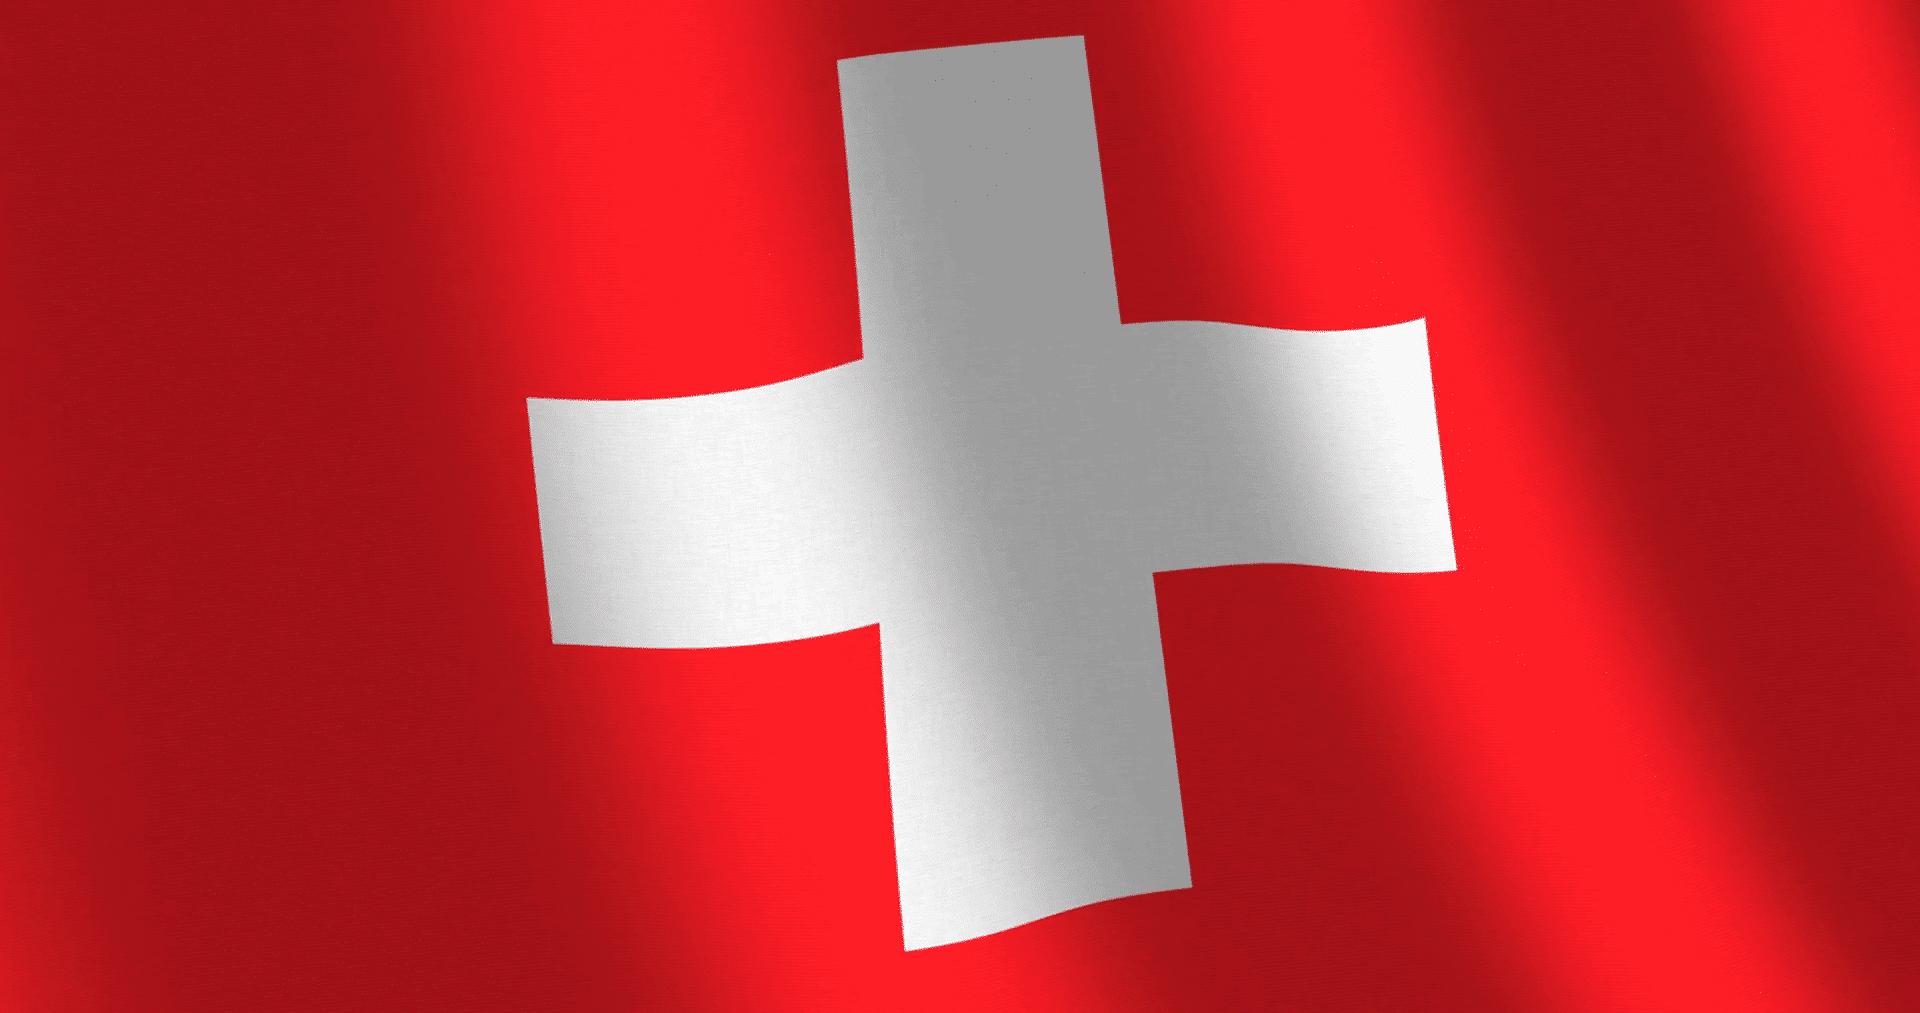 switzerland ripple xrp bitcoin